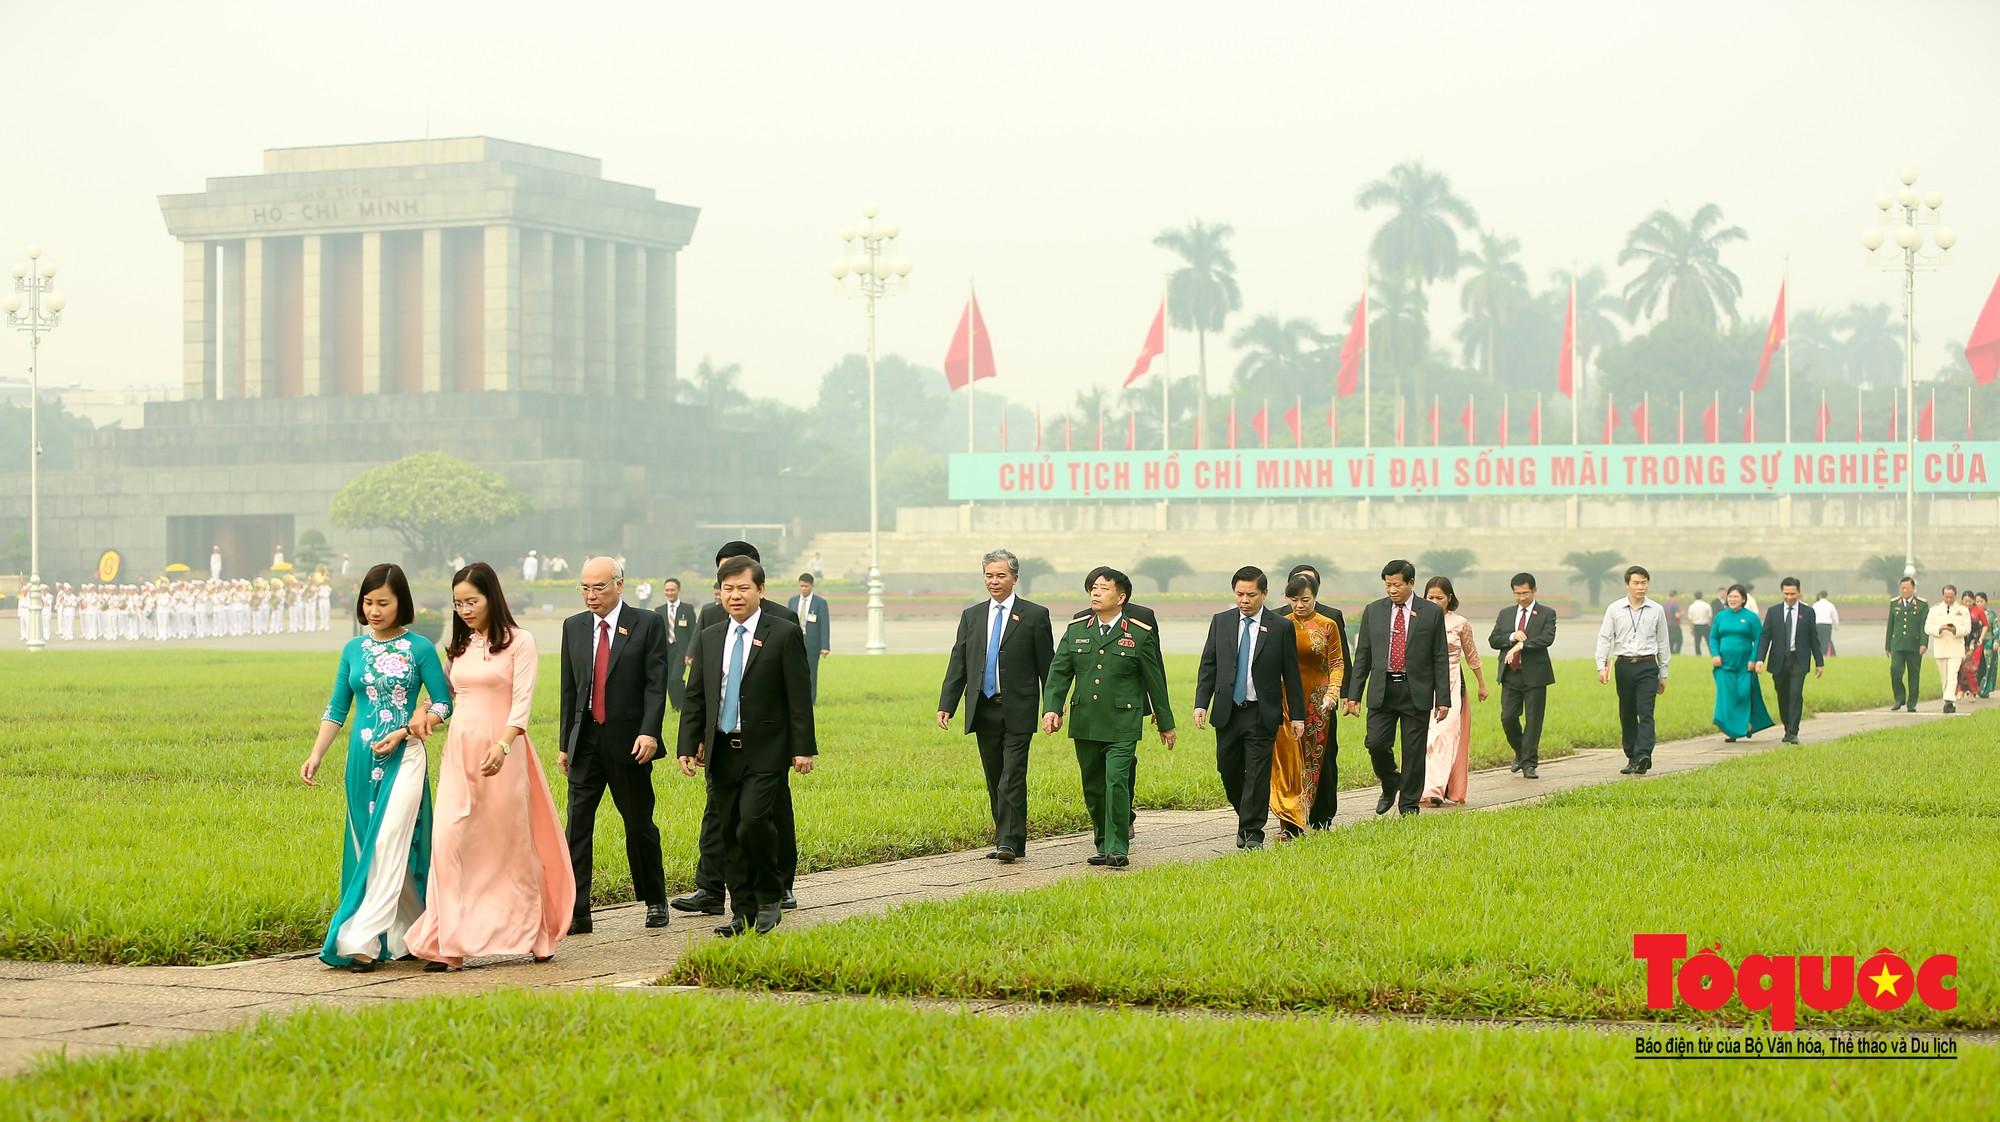 Đại biểu QH viếng Chủ tịch Hồ Chí Minh ngày khai mạc kỳ họp thứ 812